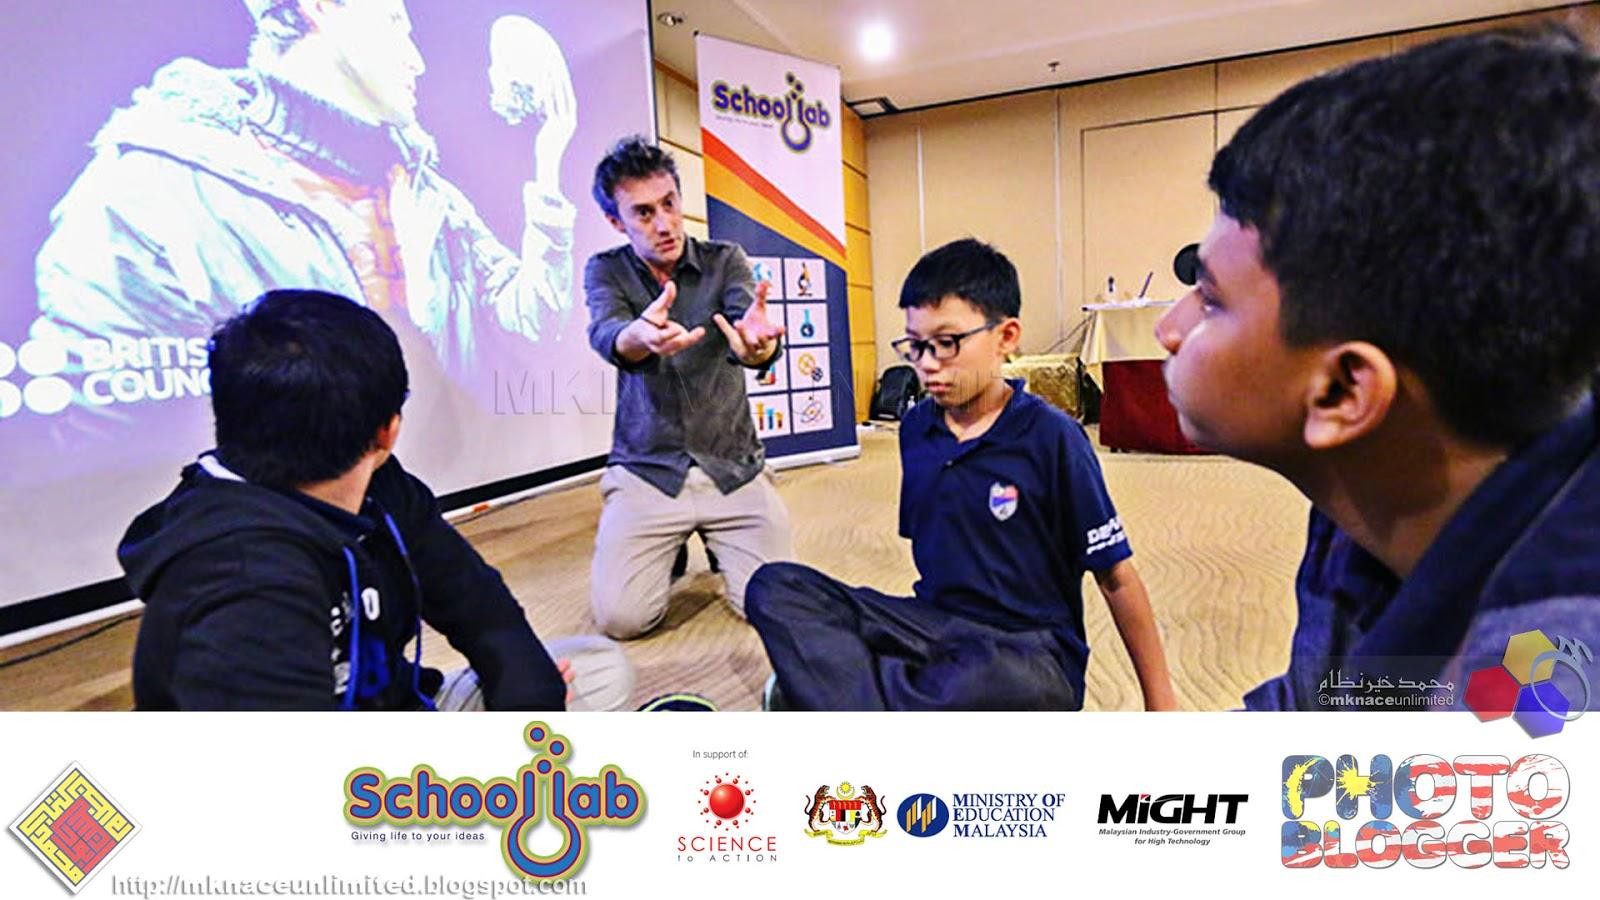 School Lab 2017 Malaysia Mknace Unlimited The Colours Of Life Tcash Vaganza 32 Milo Activ Go Adakah Anda Komunikator Sains Yang Terbaik Sedang Menunggu Peluang Untuk Berkongsi Topik Stem Kegemaran Dengan